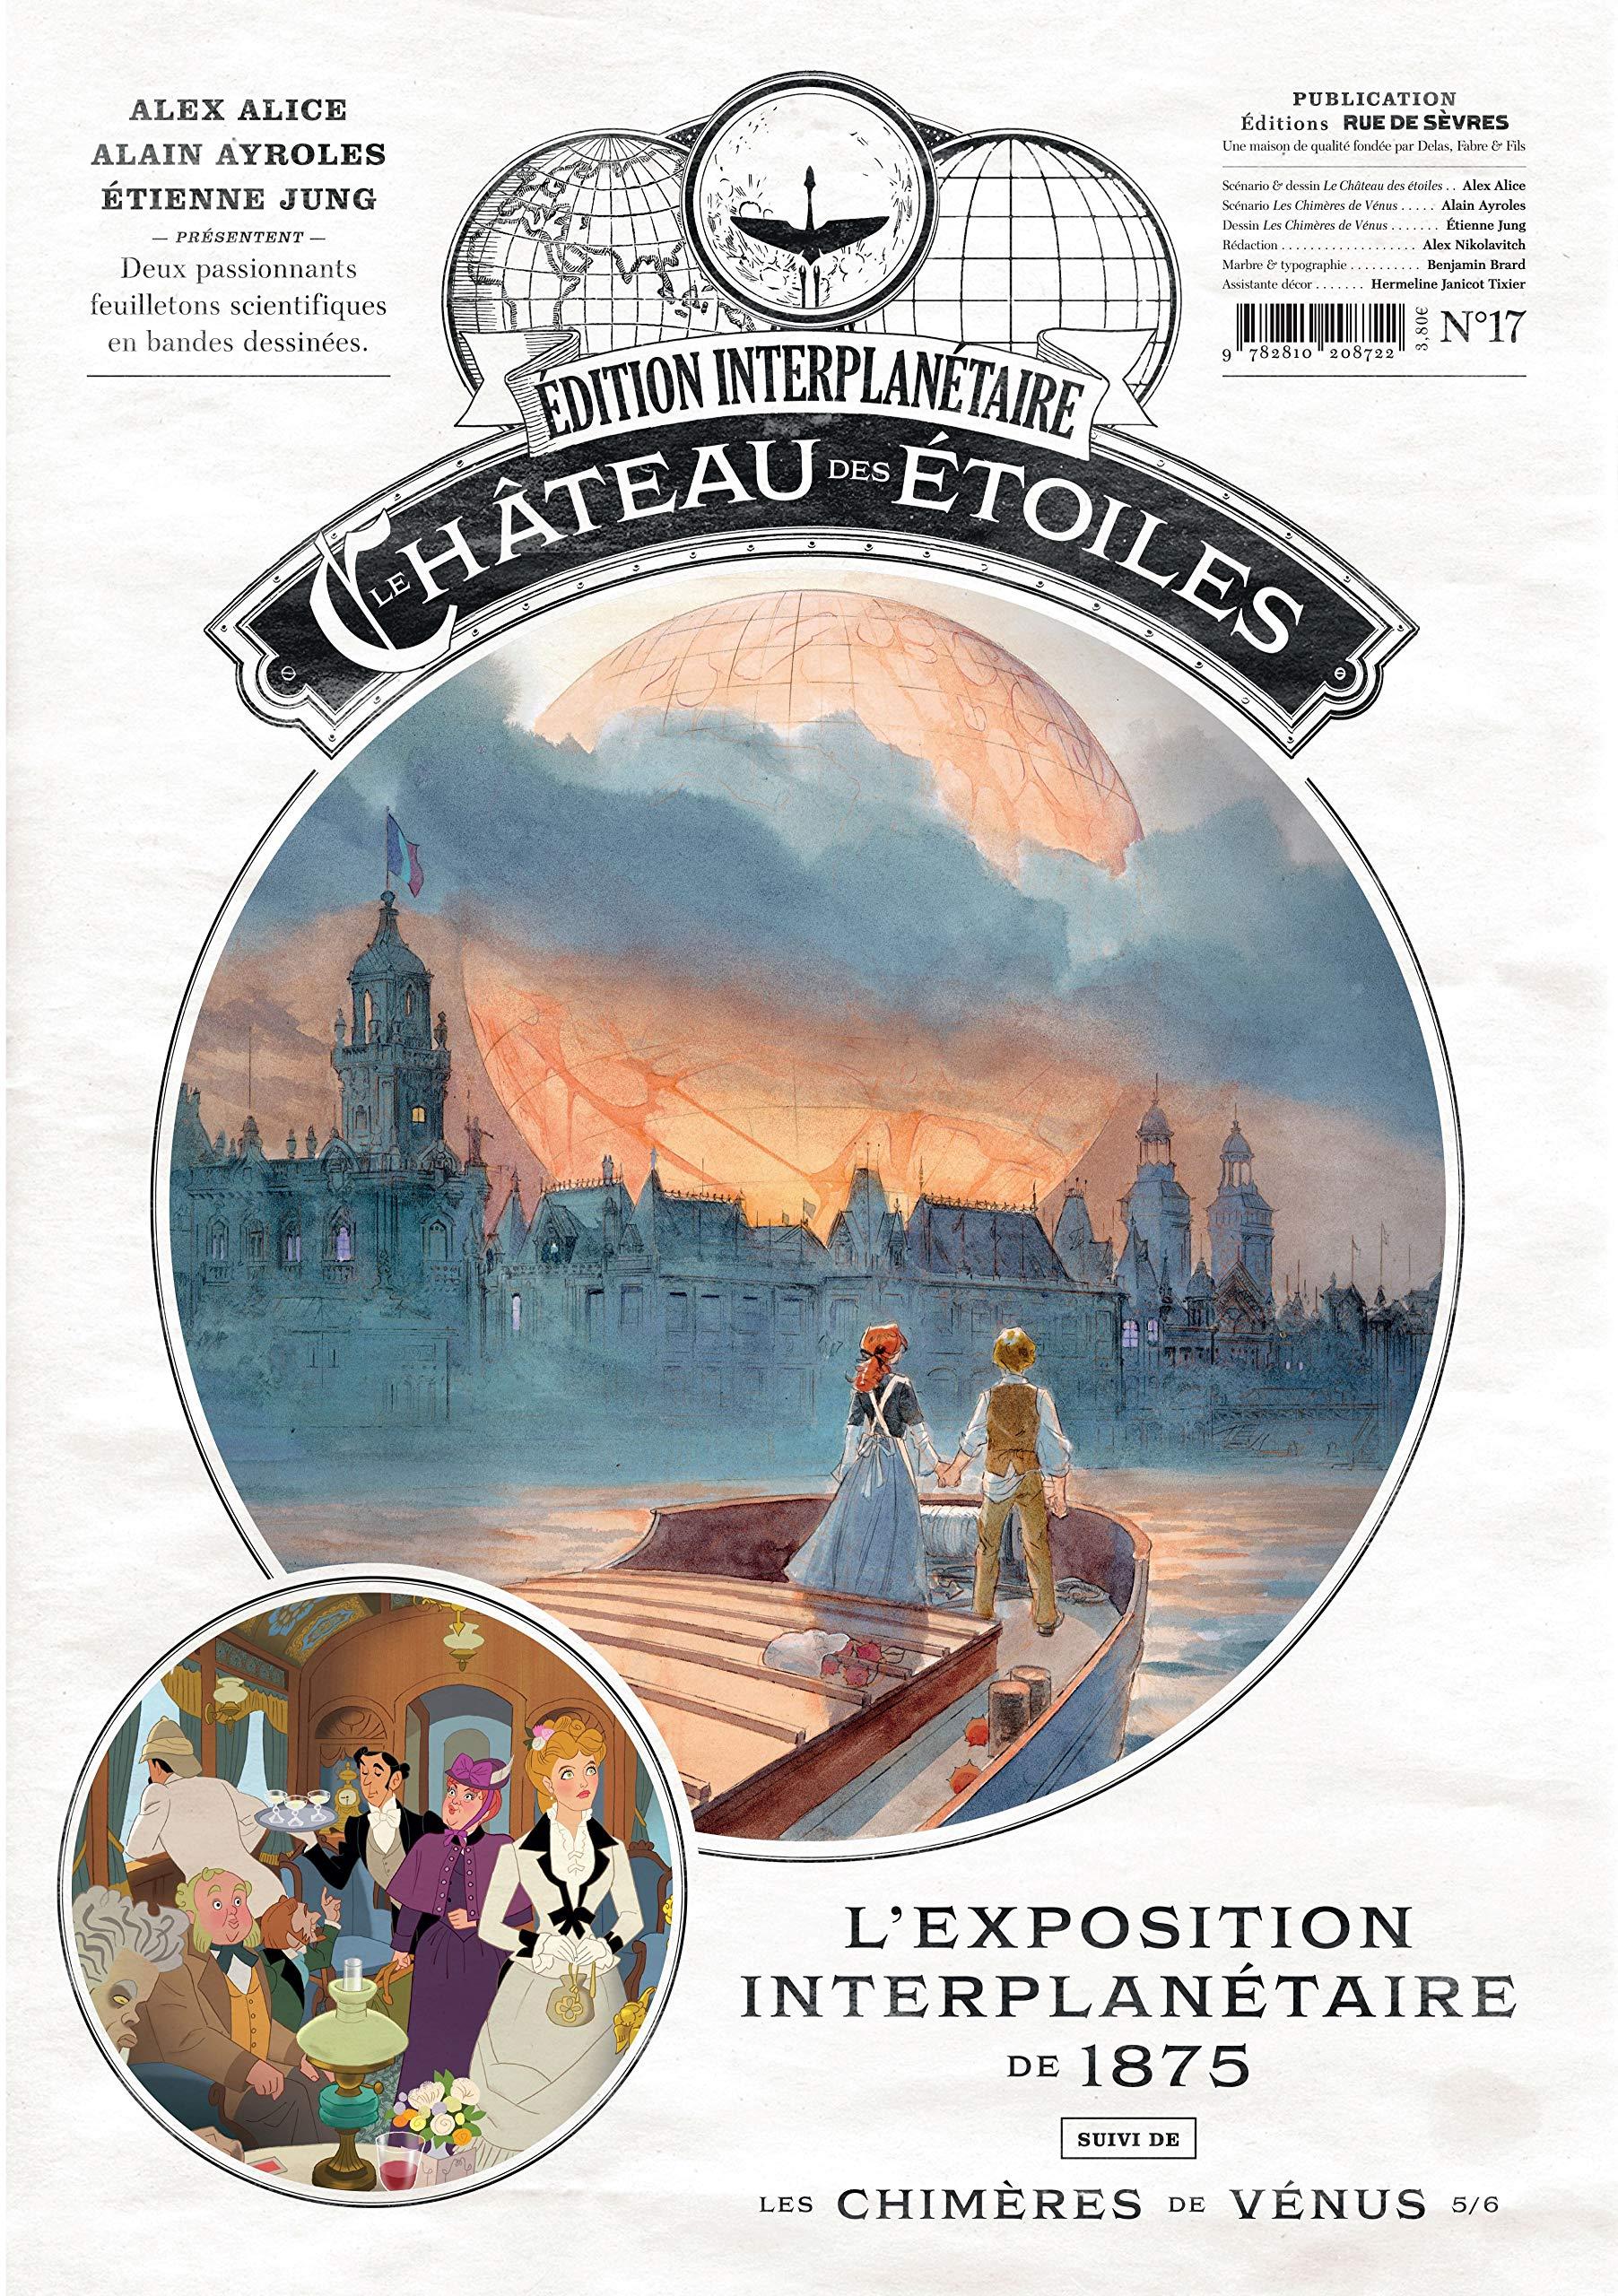 Le château des étoiles (revues), tome 17 : L'Exposition Interplanétaire de 1875 de Alex Alice, Alain Ayroles et Étienne Jung